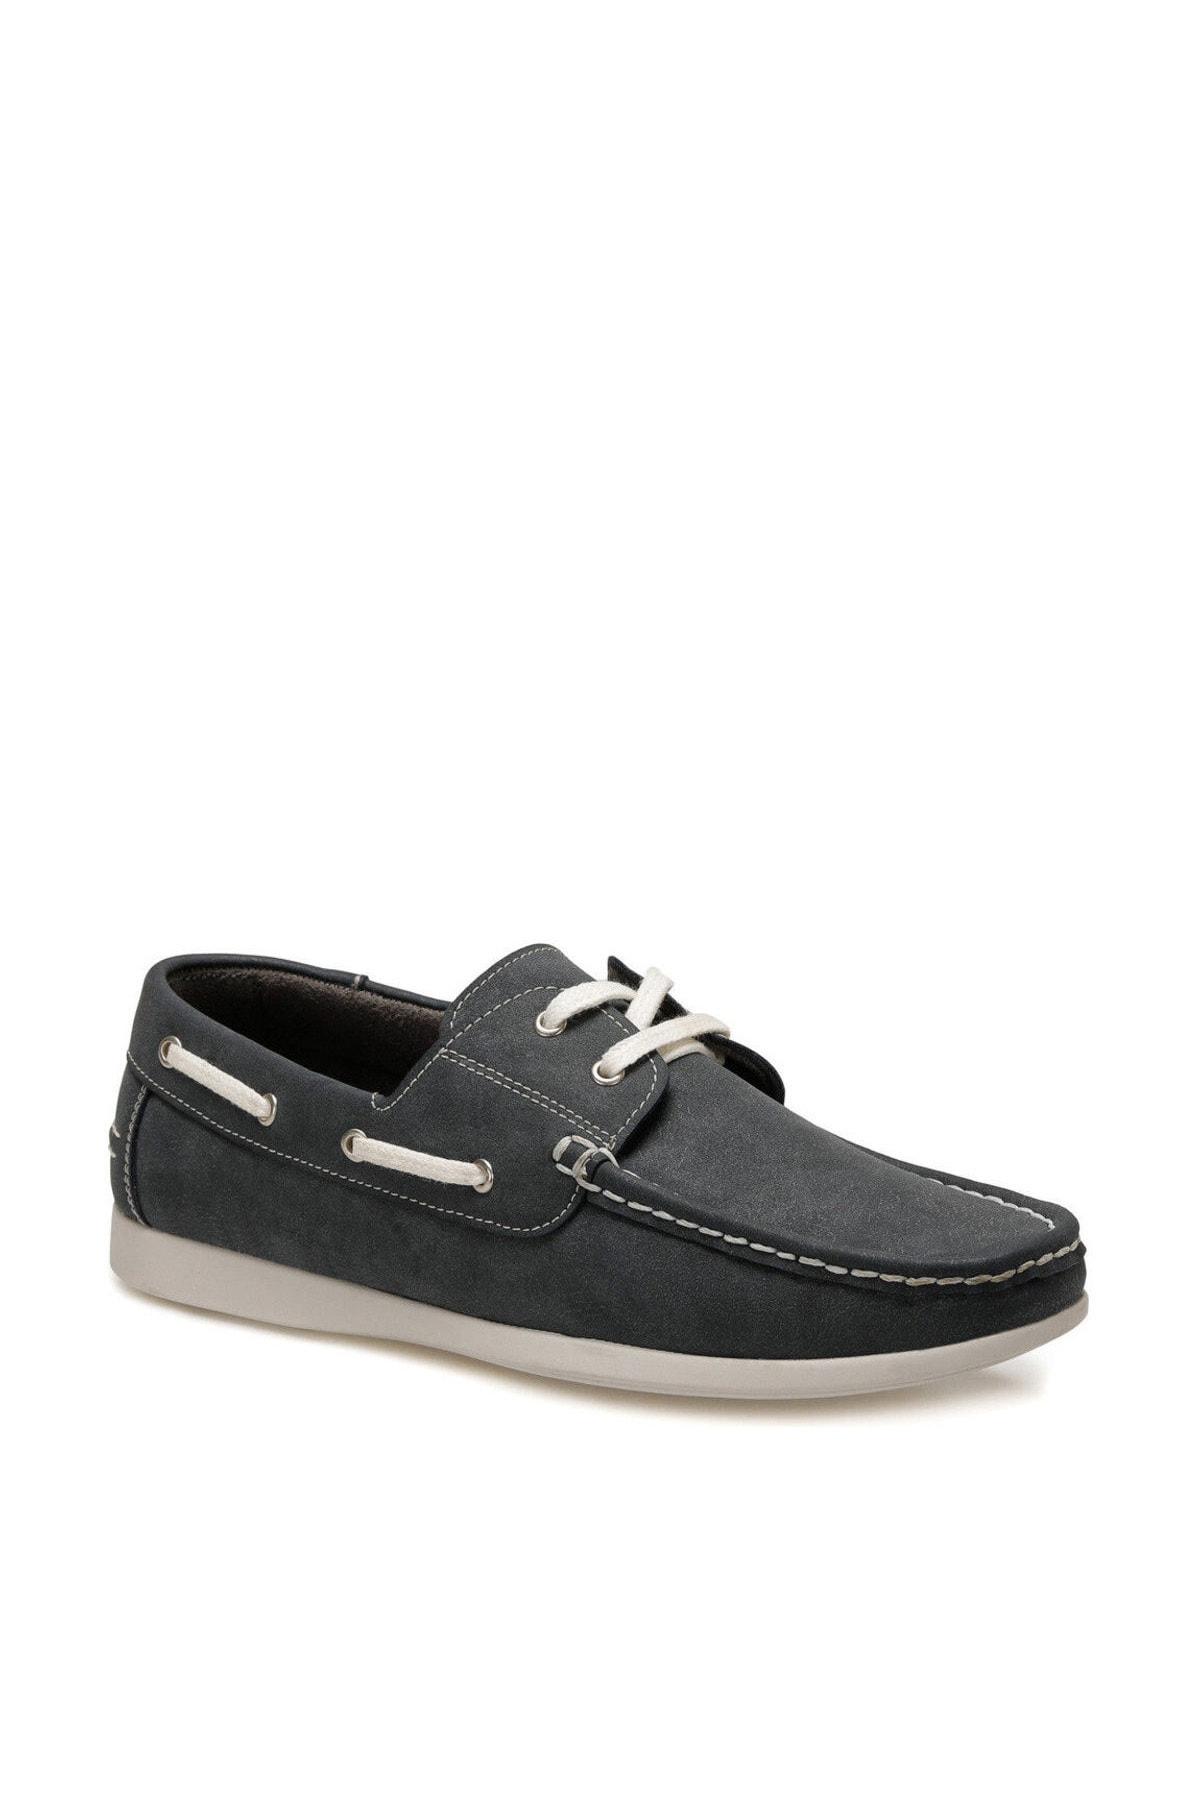 OXIDE MRB71 Lacivert Erkek Ayakkabı 100518289 1